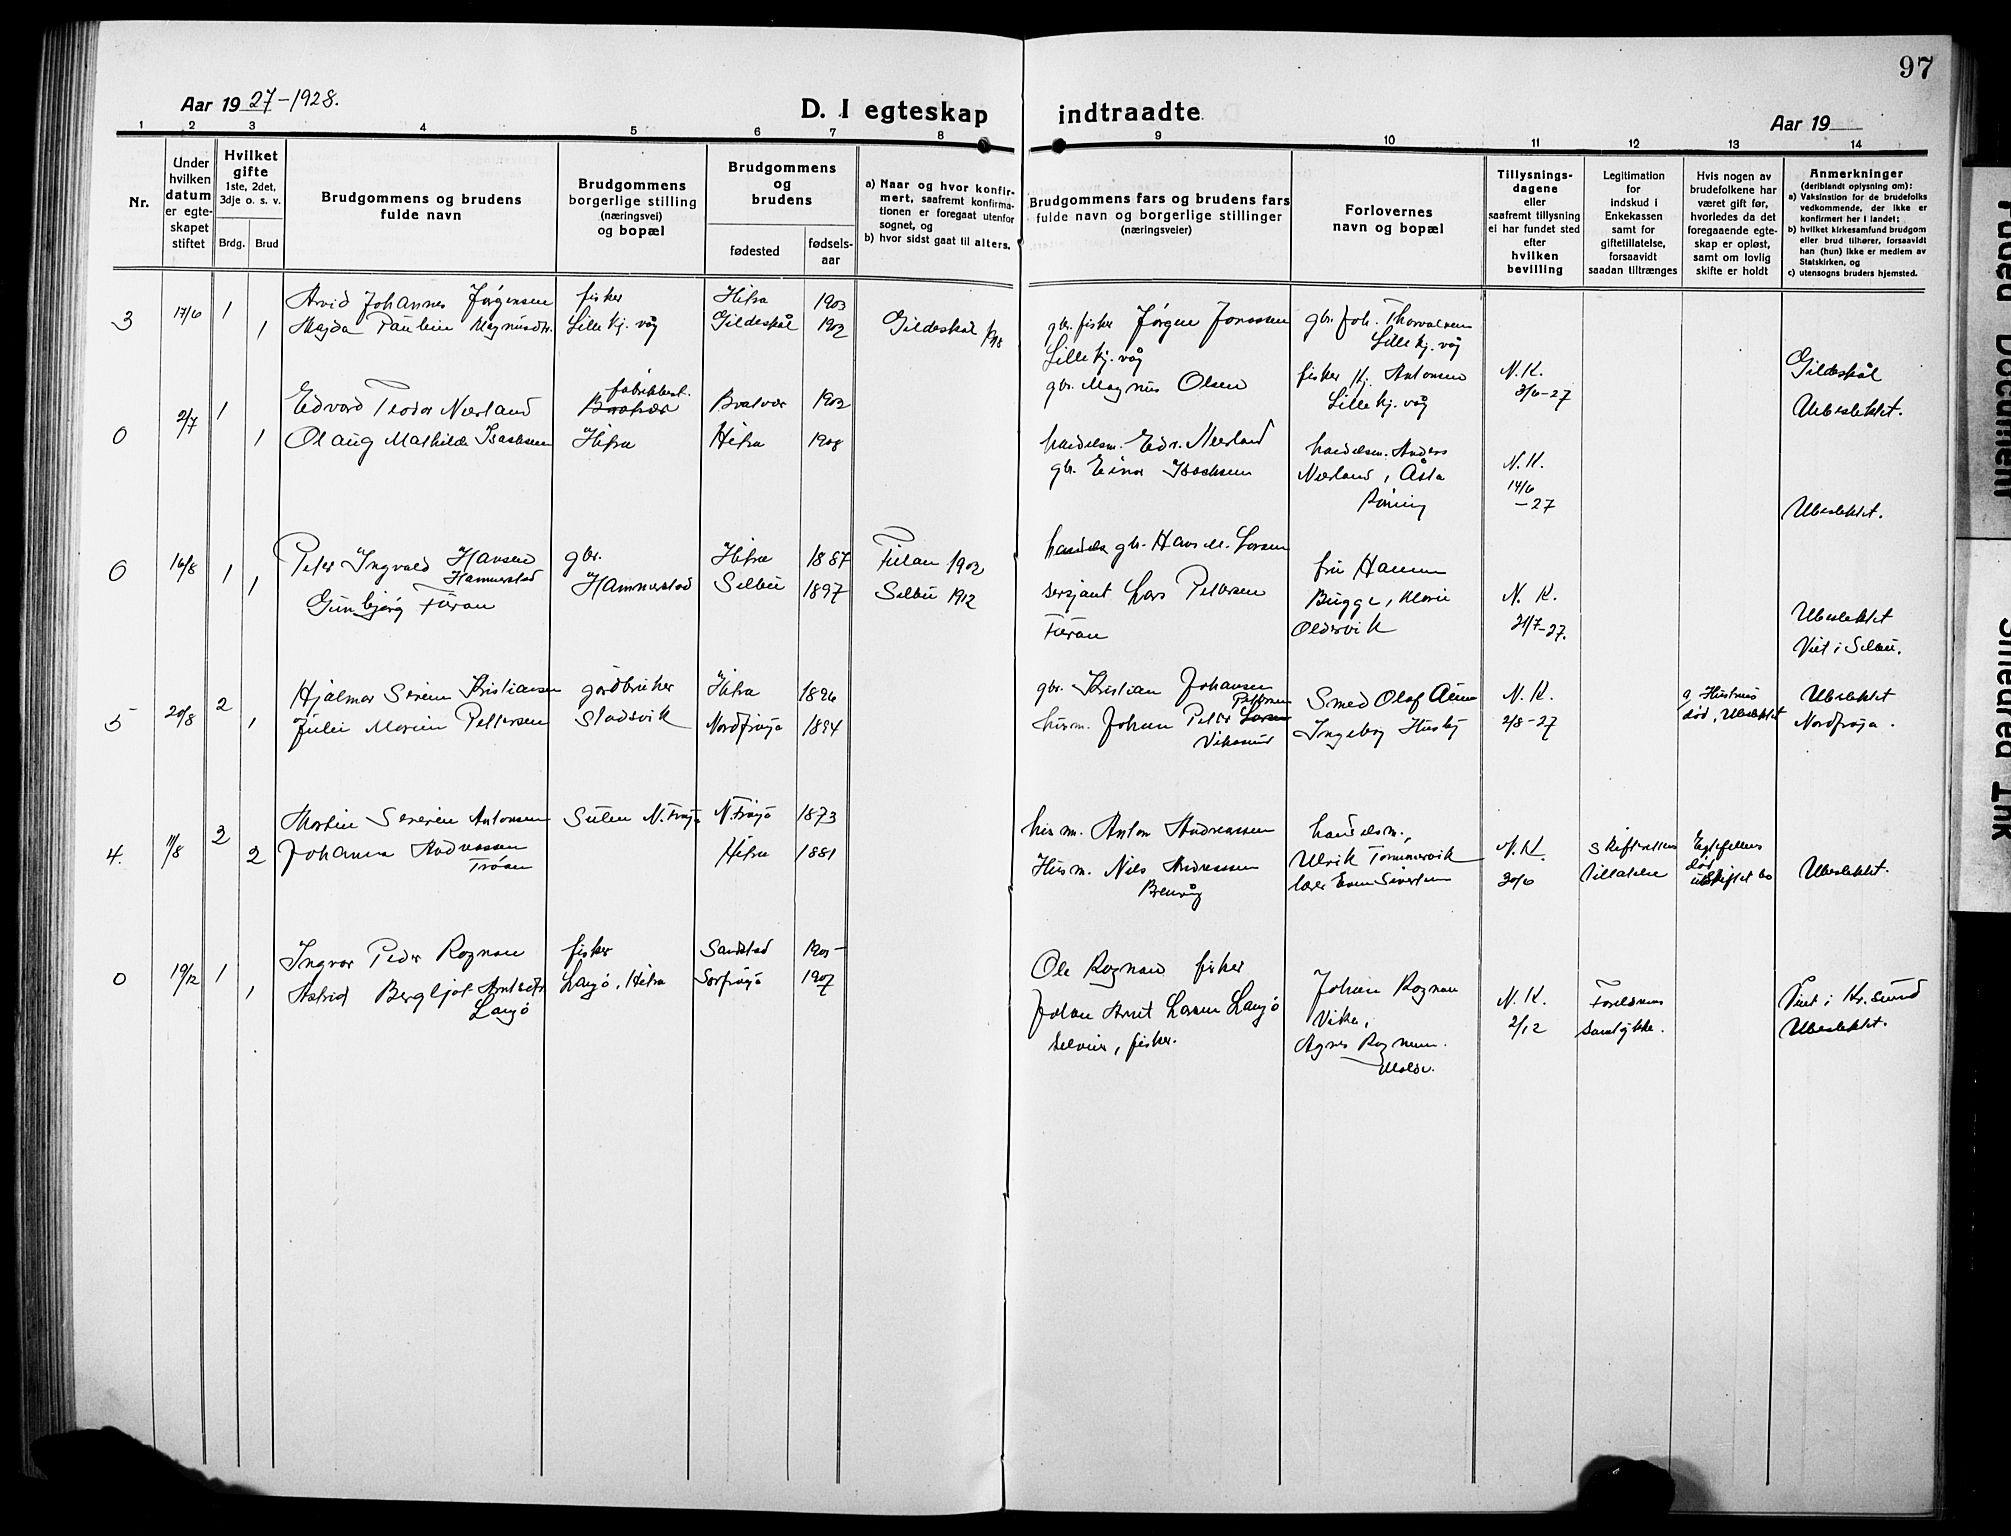 SAT, Ministerialprotokoller, klokkerbøker og fødselsregistre - Sør-Trøndelag, 634/L0543: Klokkerbok nr. 634C05, 1917-1928, s. 97